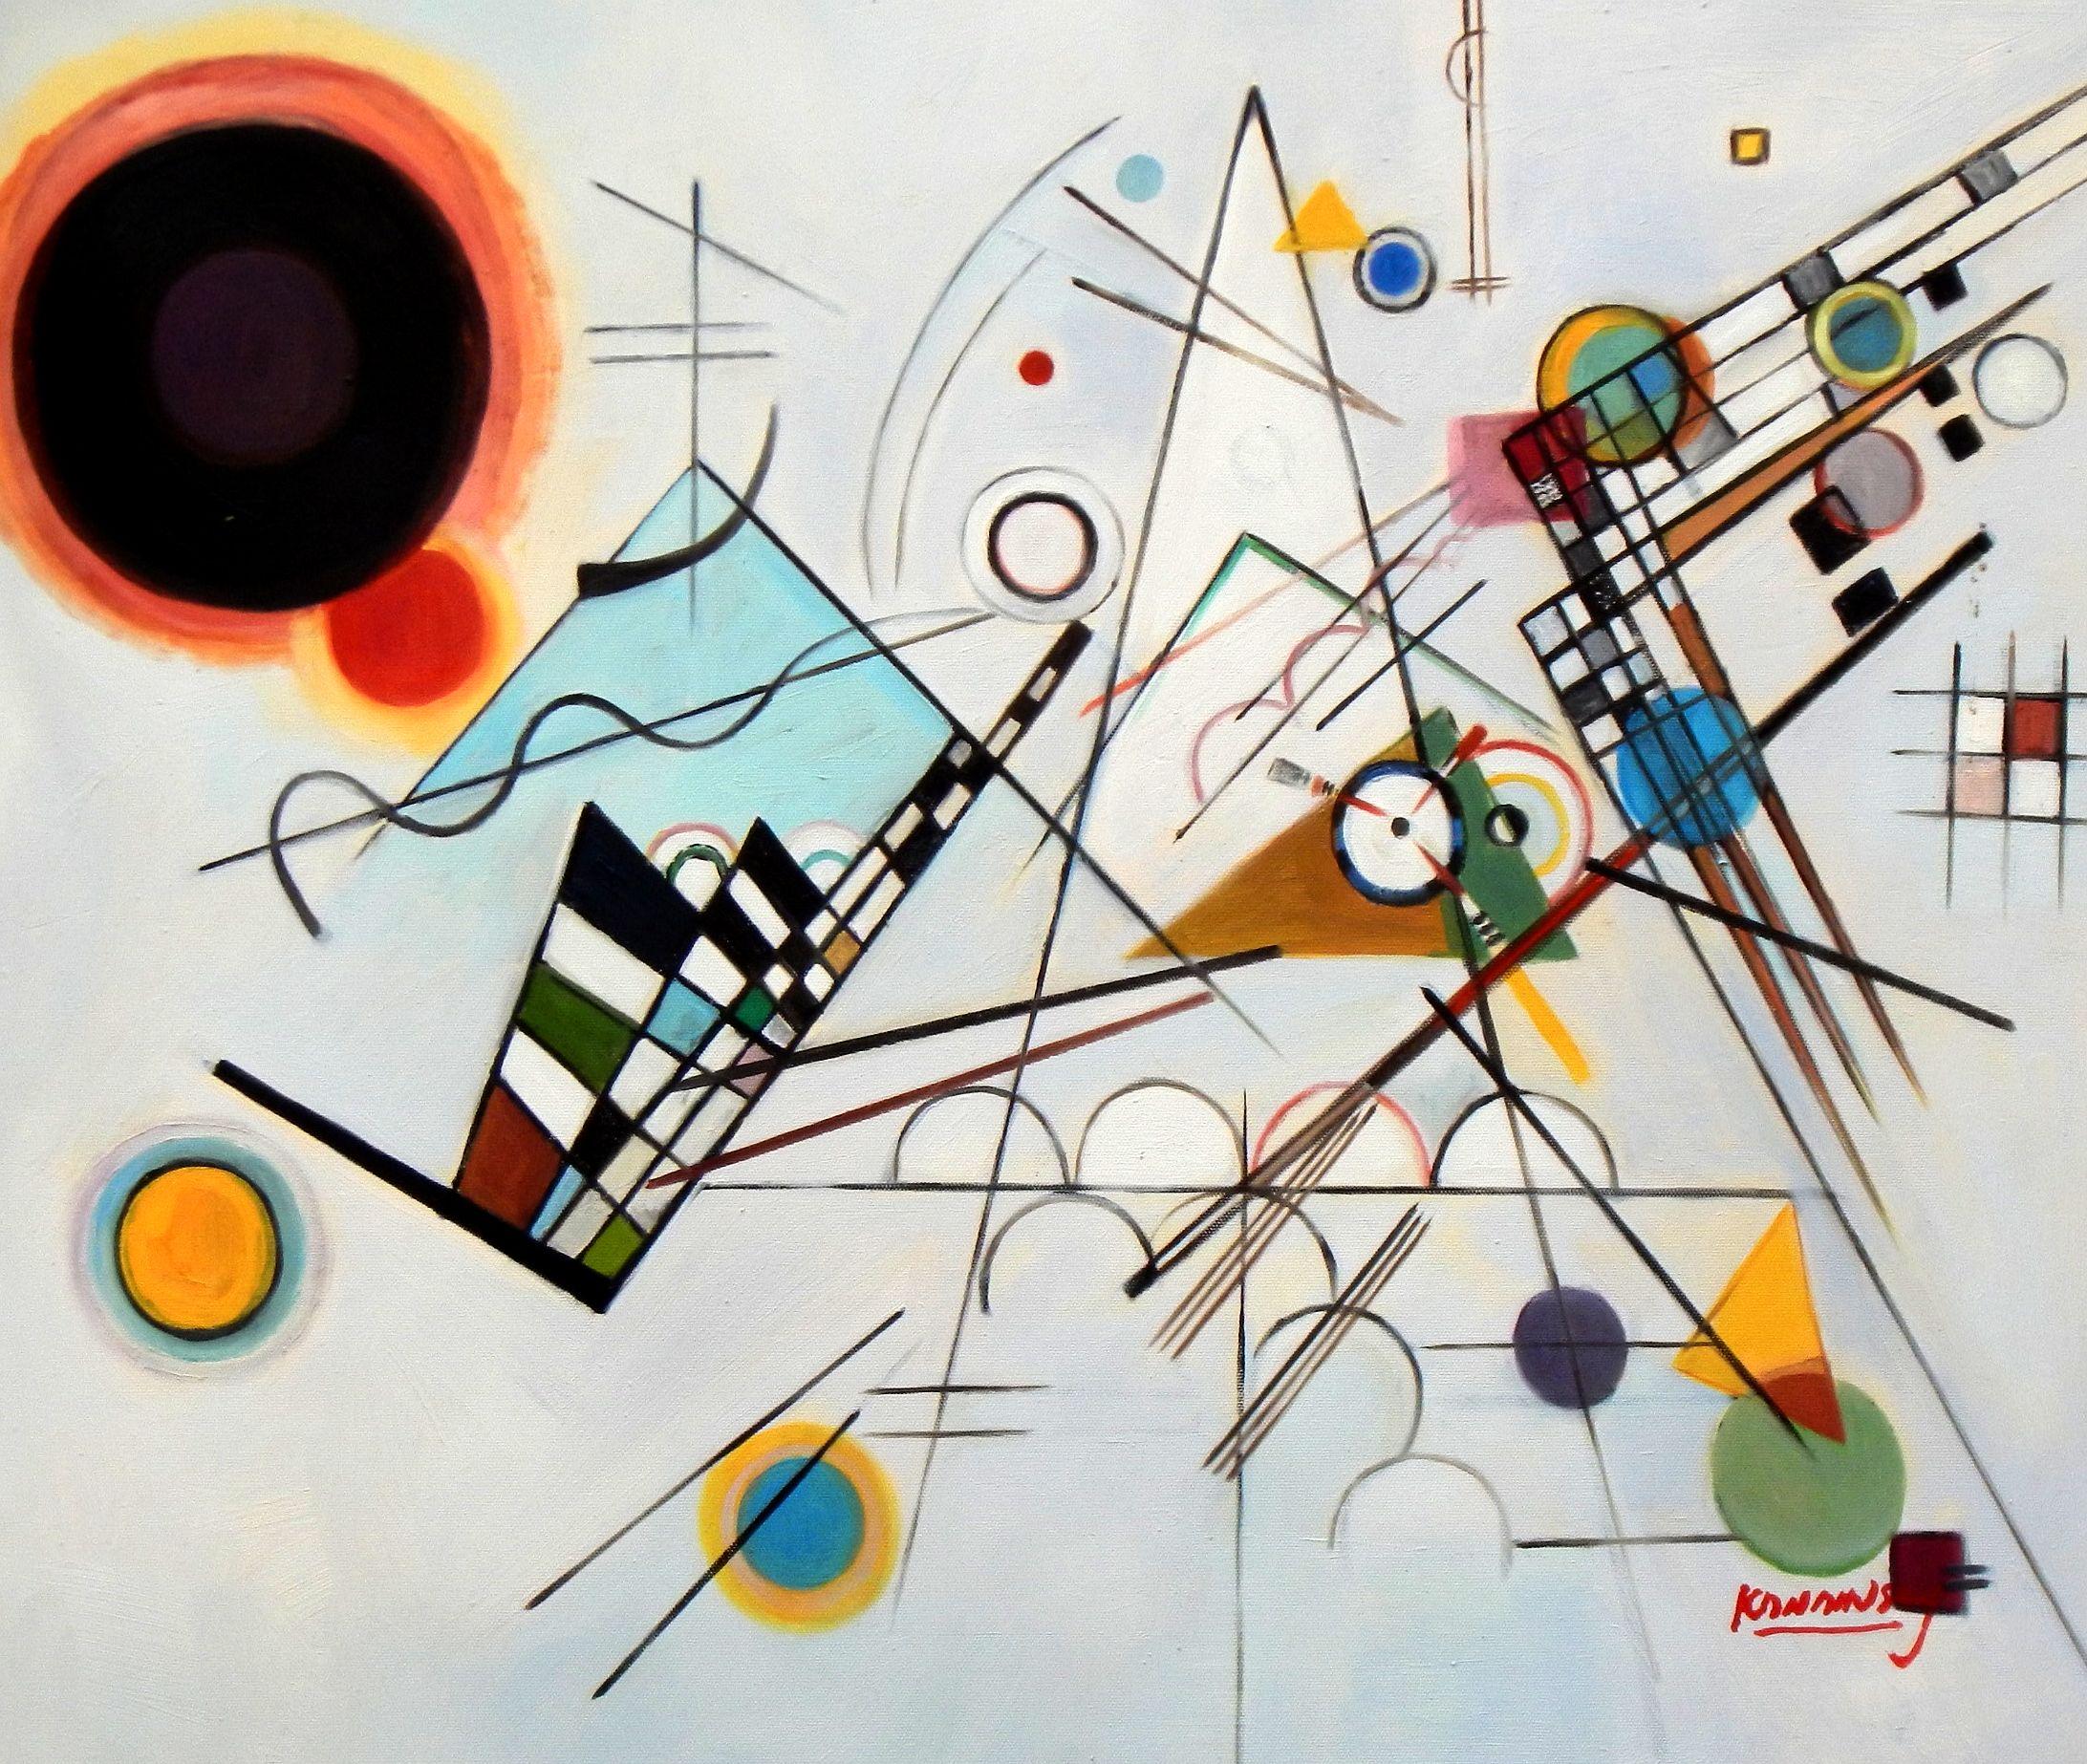 Neoplasticismo - Kandinsky